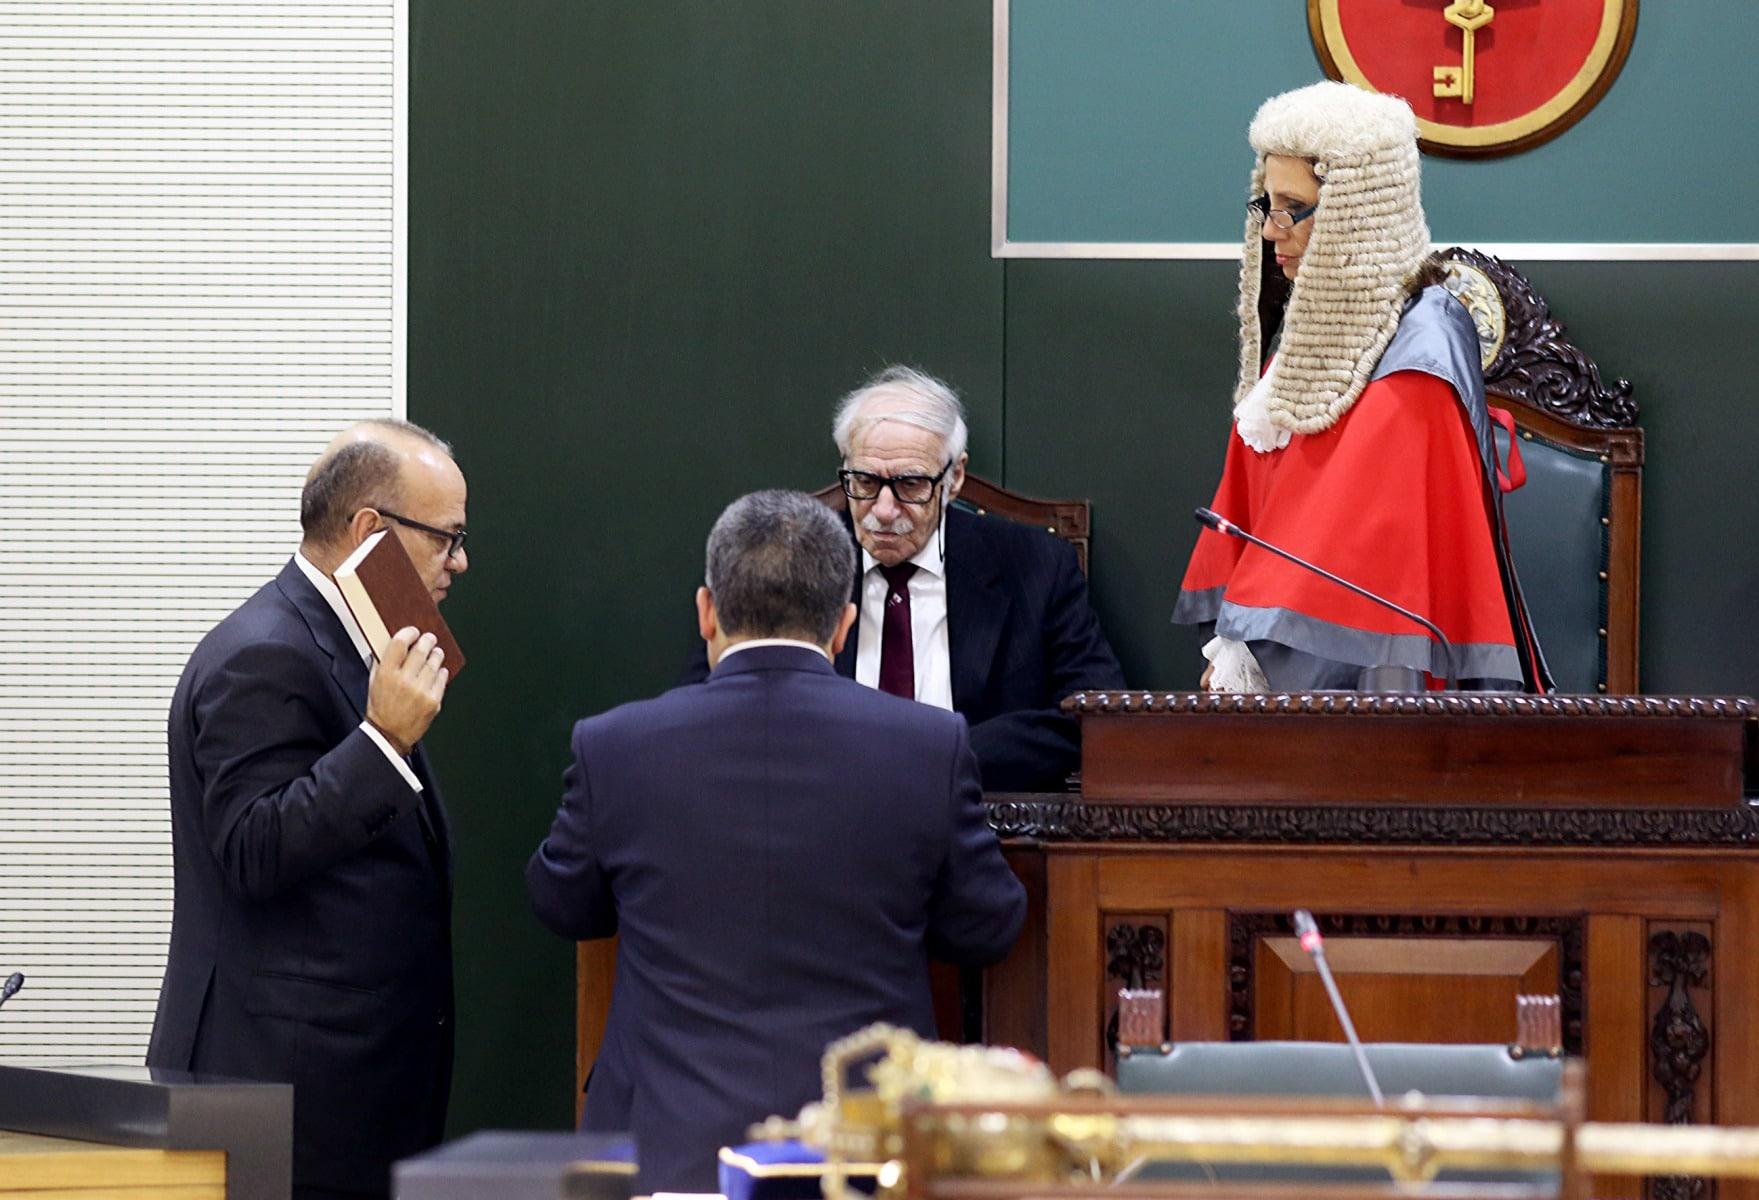 9-de-diciembre-de-2015-ceremonia-inaugural-del-nuevo-parlamento-de-gibraltar_23608097306_o